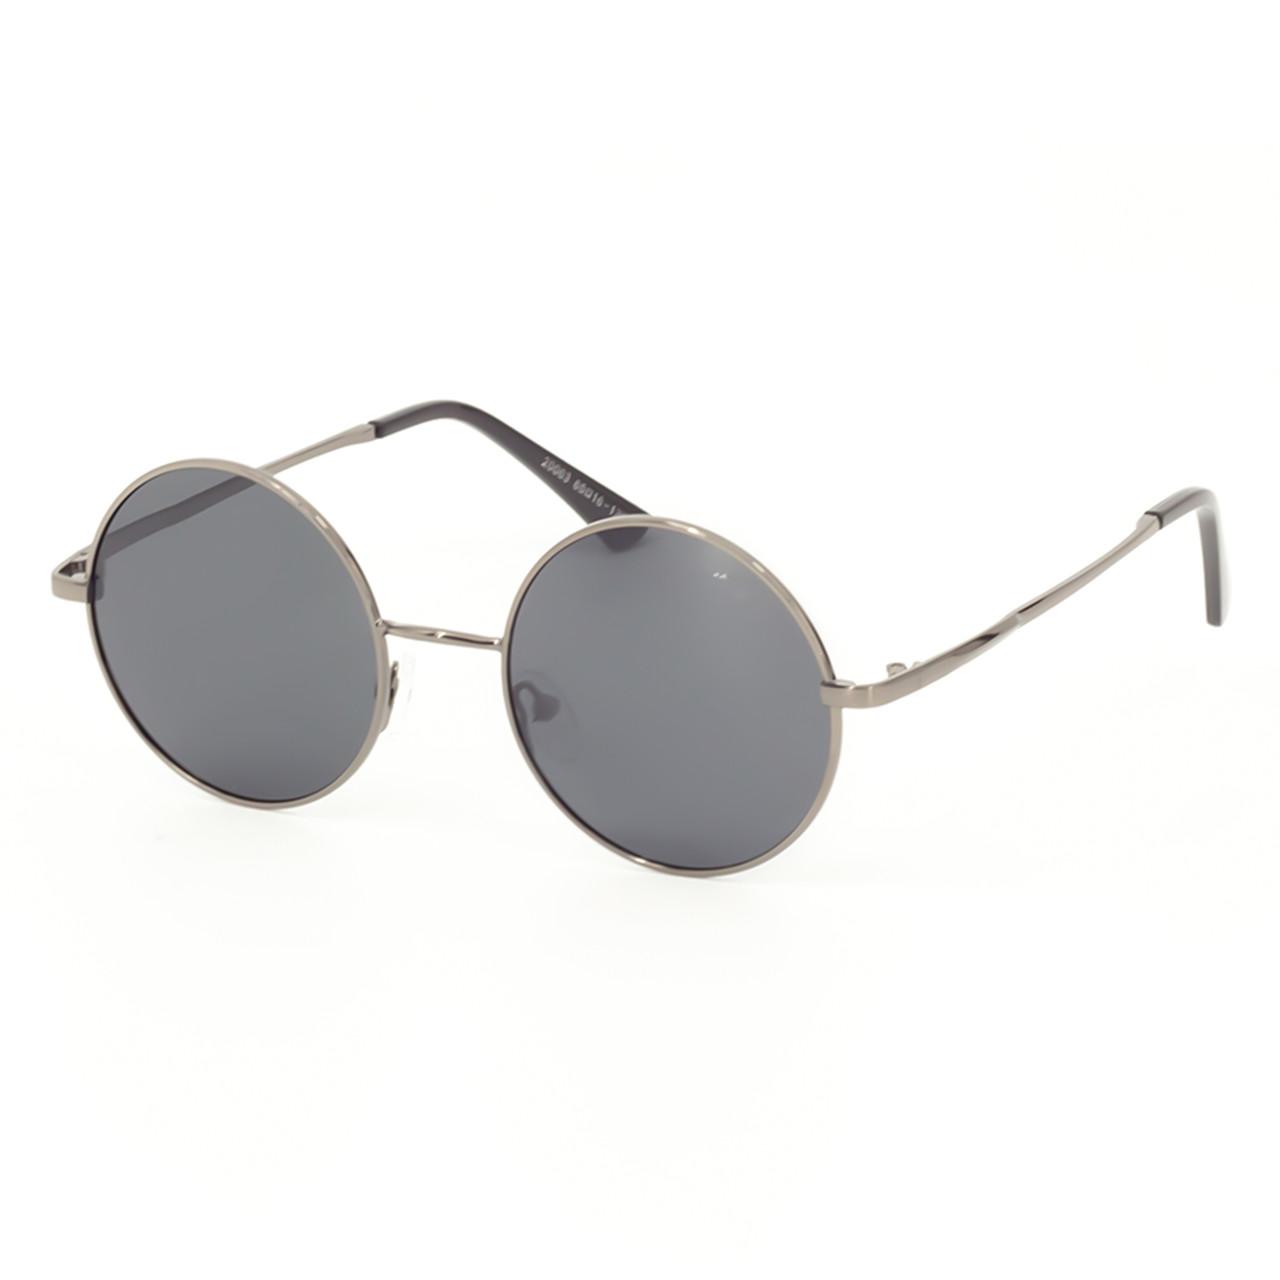 Сонцезахисні окуляри Marmilen Polar 20063 C2 сірий в металі ( BA20063-02 )